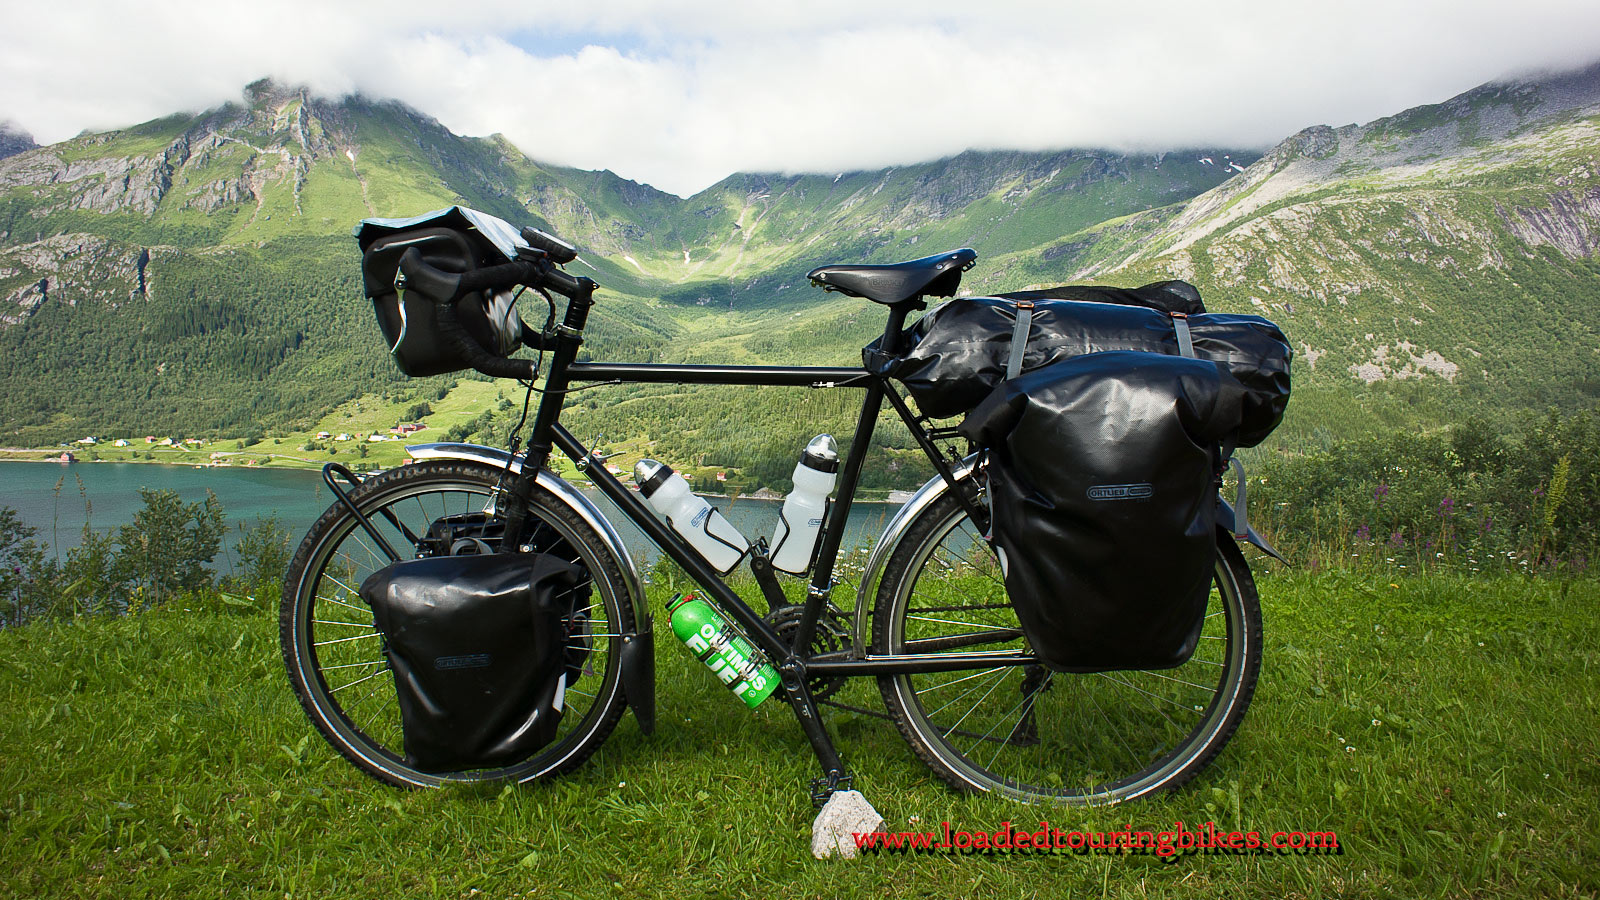 413    Kris touring Norway - Surly Long Haul Trucker touring bike